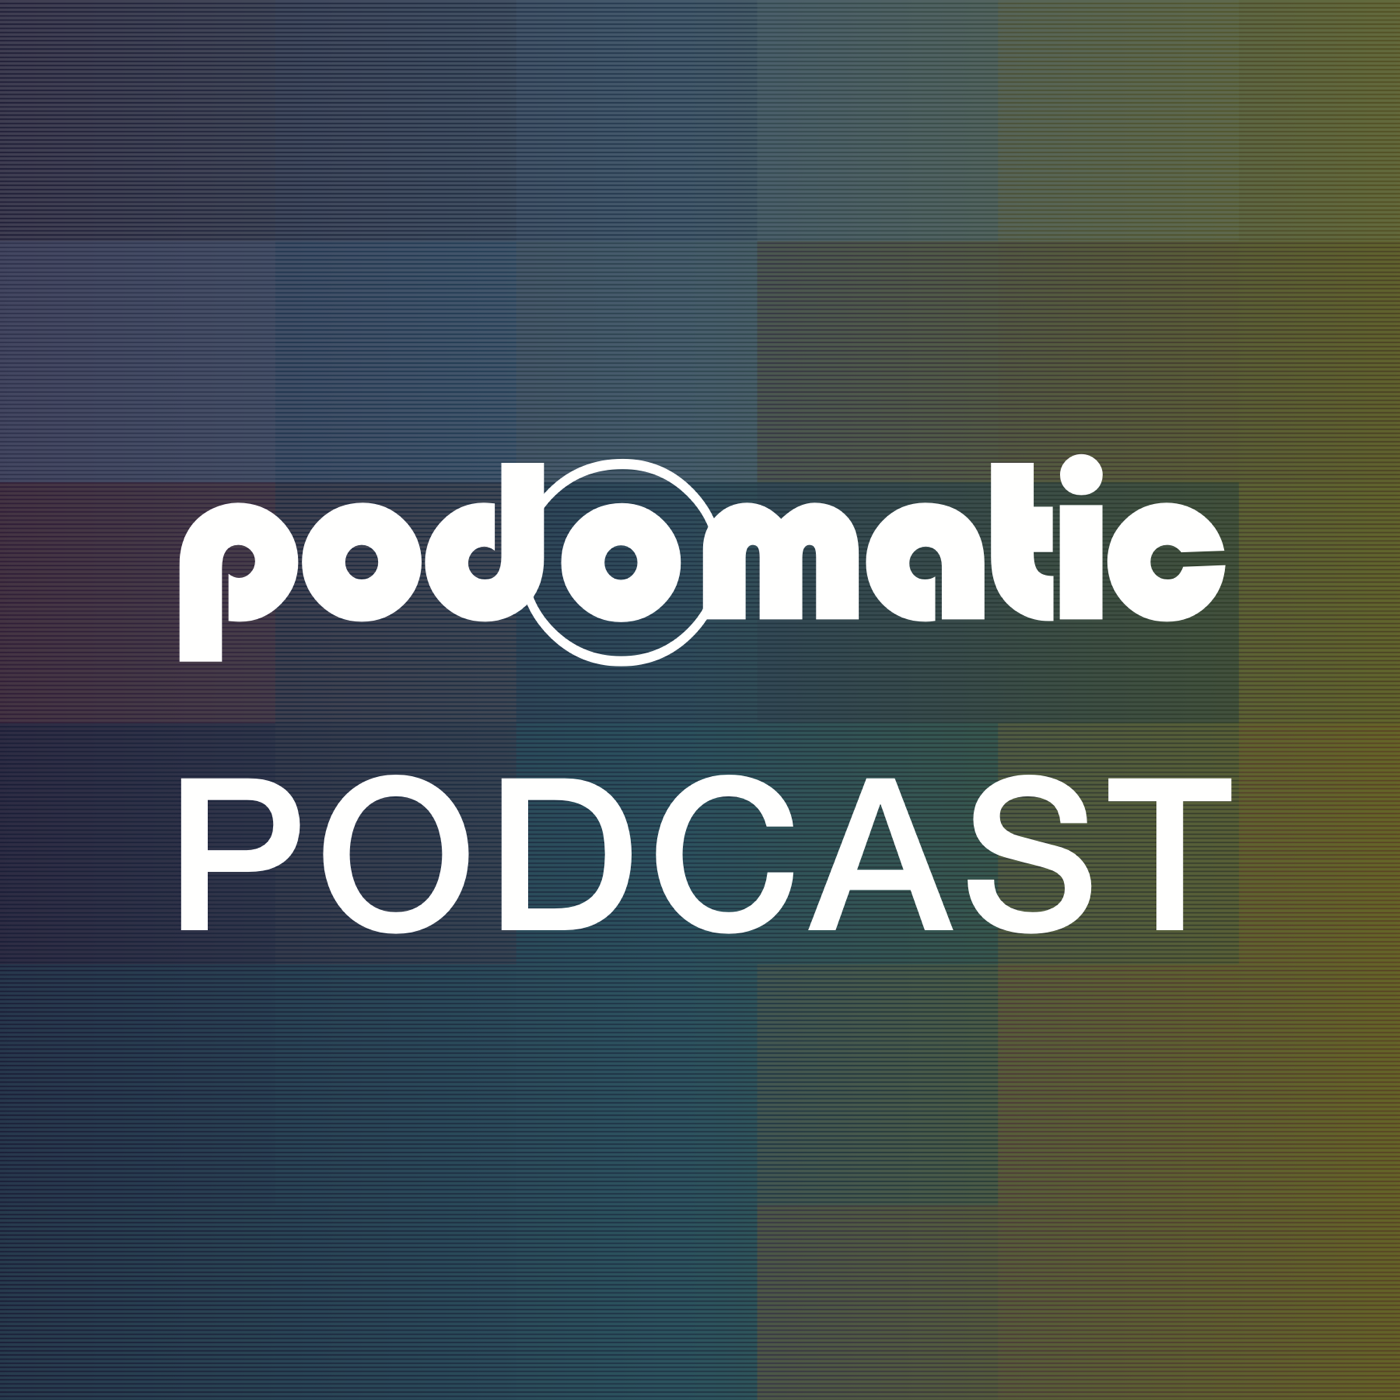 sxm's Podcast